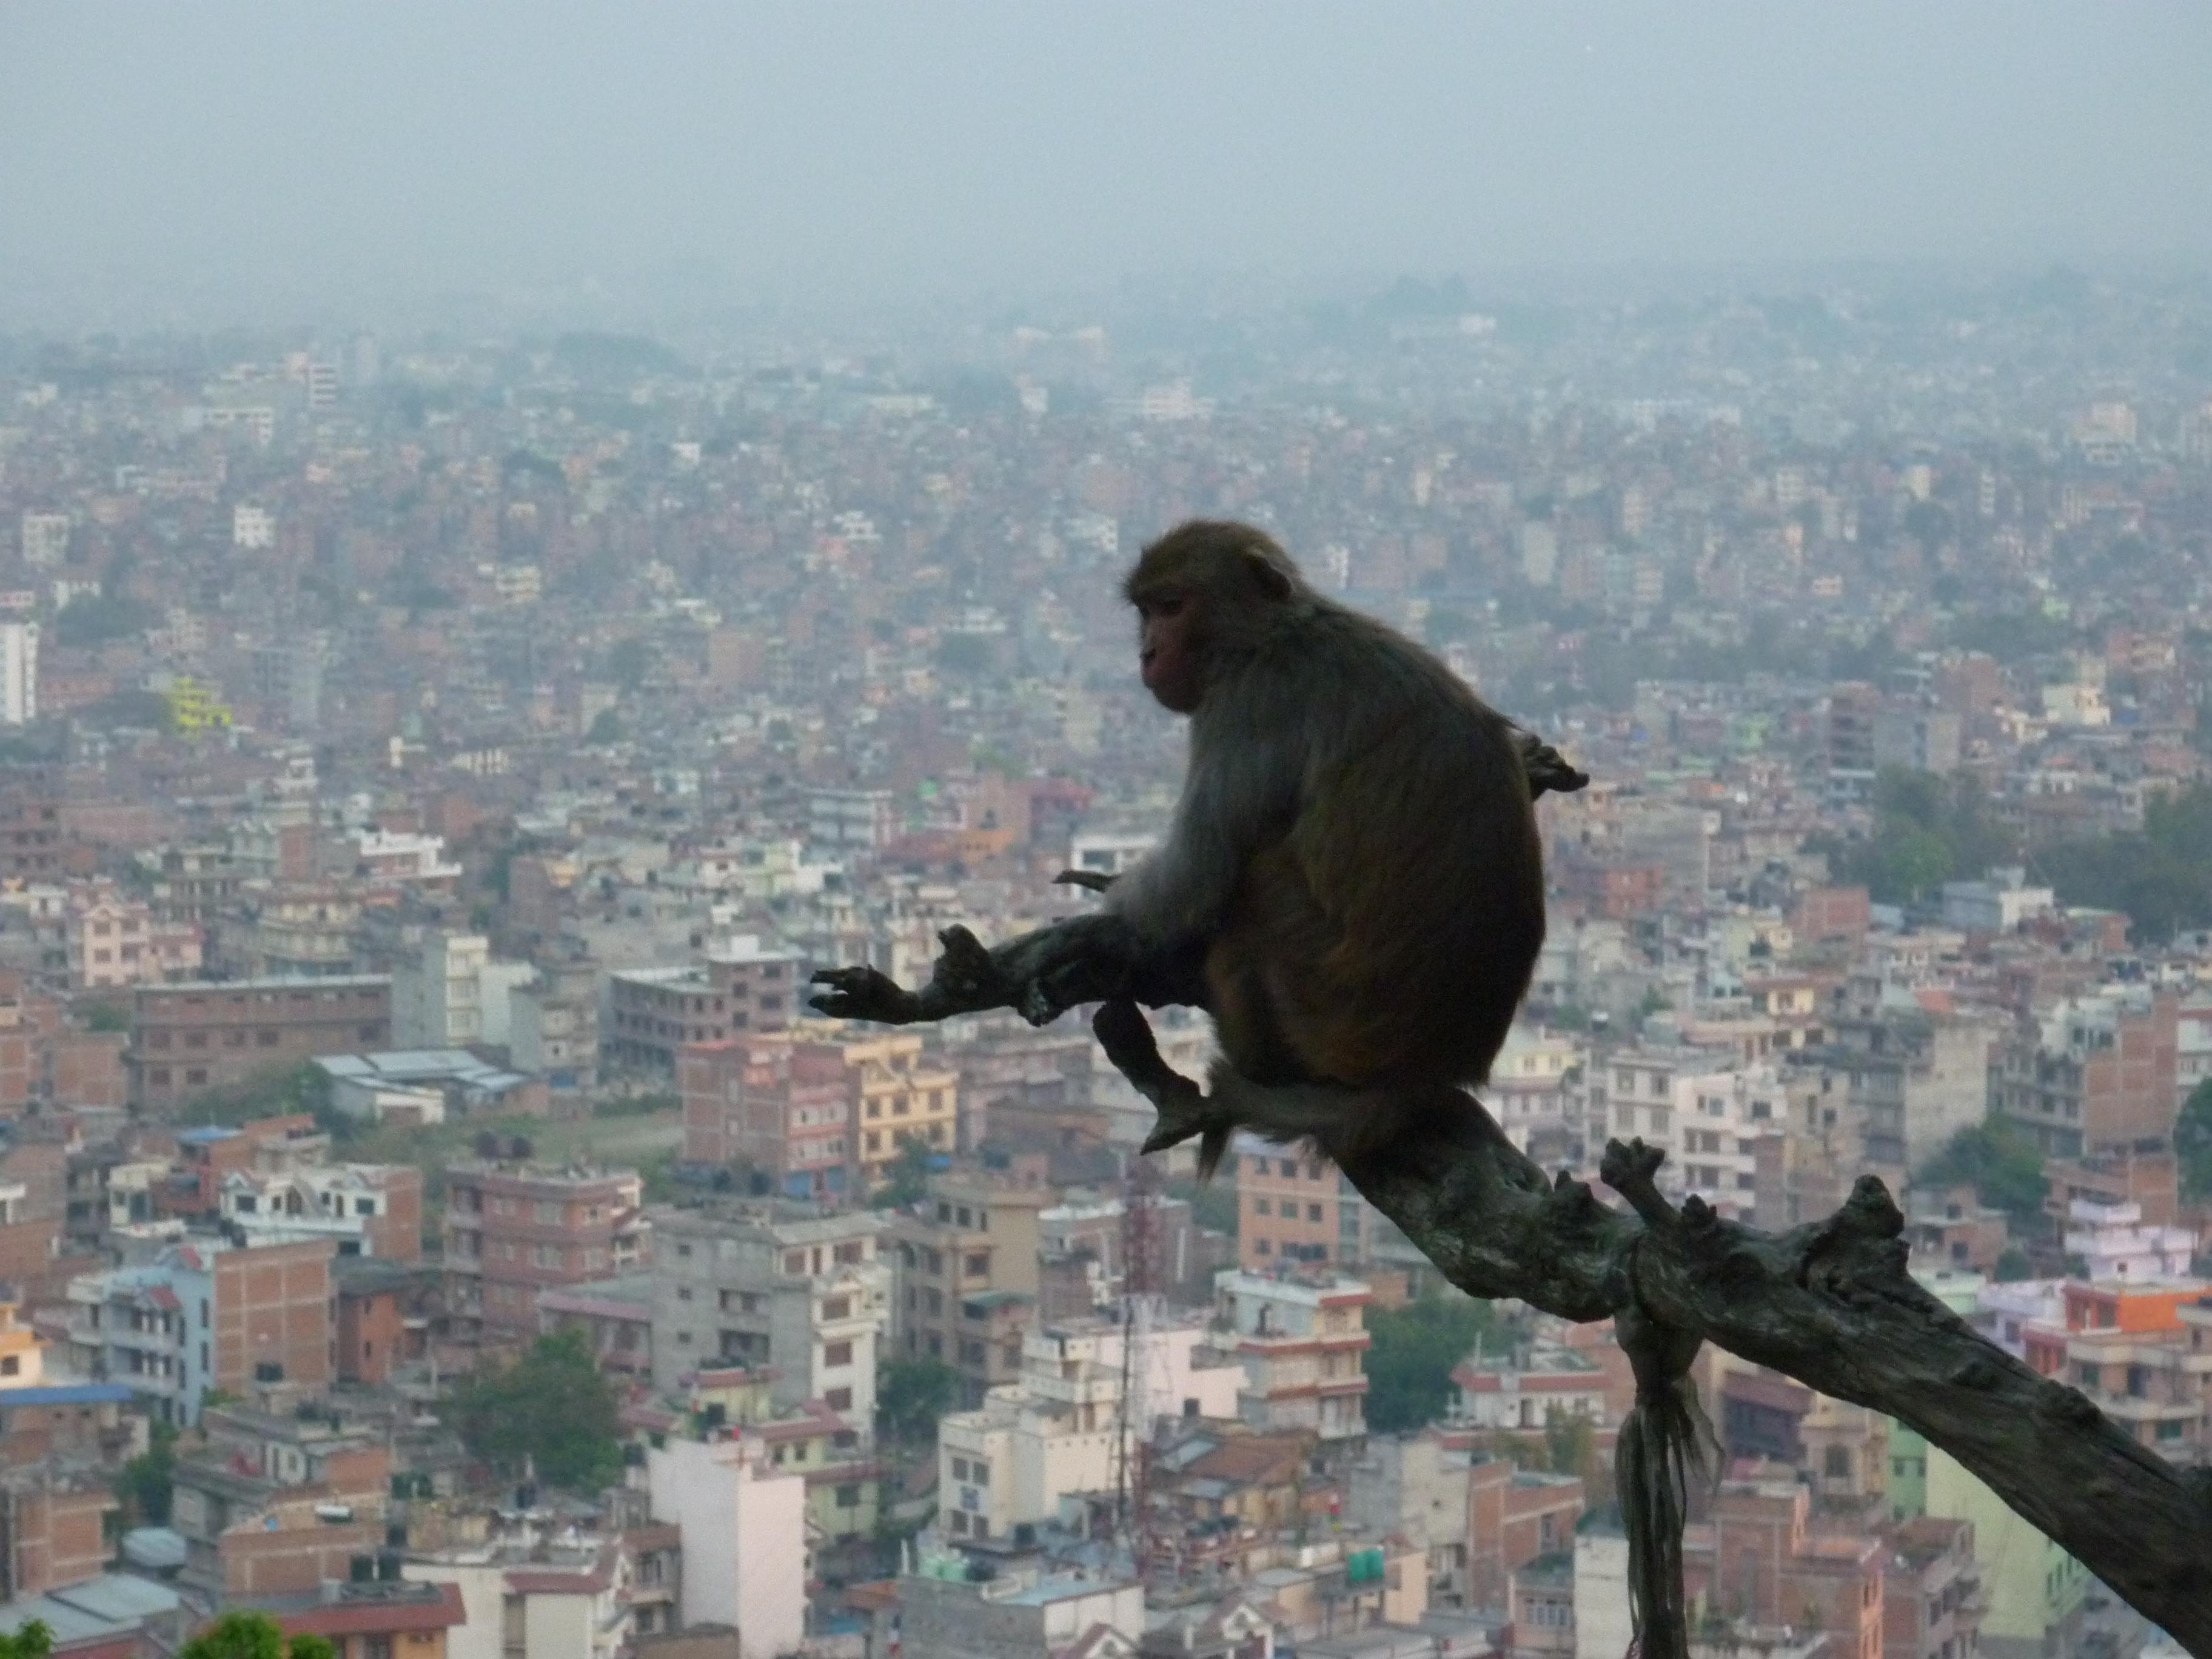 Kathmandu // Die Hauptstadt Kathmandu ist mit knapp einer Millionen Einwohner die größte Stadt Nepals. Ähnlich wie in Delhi herrscht hier ein unglaubliches Verkehrschaos, Abgase verpestet die Luft, Müll liegt herum und zu viele Menschen schieben sich durch zu enge Straßen.  Um mir einen Überblick zu verschaffen, steige ich den Hügel nach Swayambhu hinauf, um von oben auf alles und jeden zu blicken. Am Tempelkomplex angekommen, entdecke ich diesen Affen, der anscheinend dieselbe Idee gehabt hat. Was unterscheidet mich also von einem Primaten, frage ich mich. Warum überhaupt muss man sich selbst finden? Ist man nicht immer und überall nur man selbst? Um endgültige Gewissheit zu erlangen, entschließe ich noch weiter hinauf zu gelangen. Ich muss mich unbedingt über wirklich allem wissen, die Welt zu meinen Füßen und das All im Nacken. Also geht es dem Himmel entgegen ...